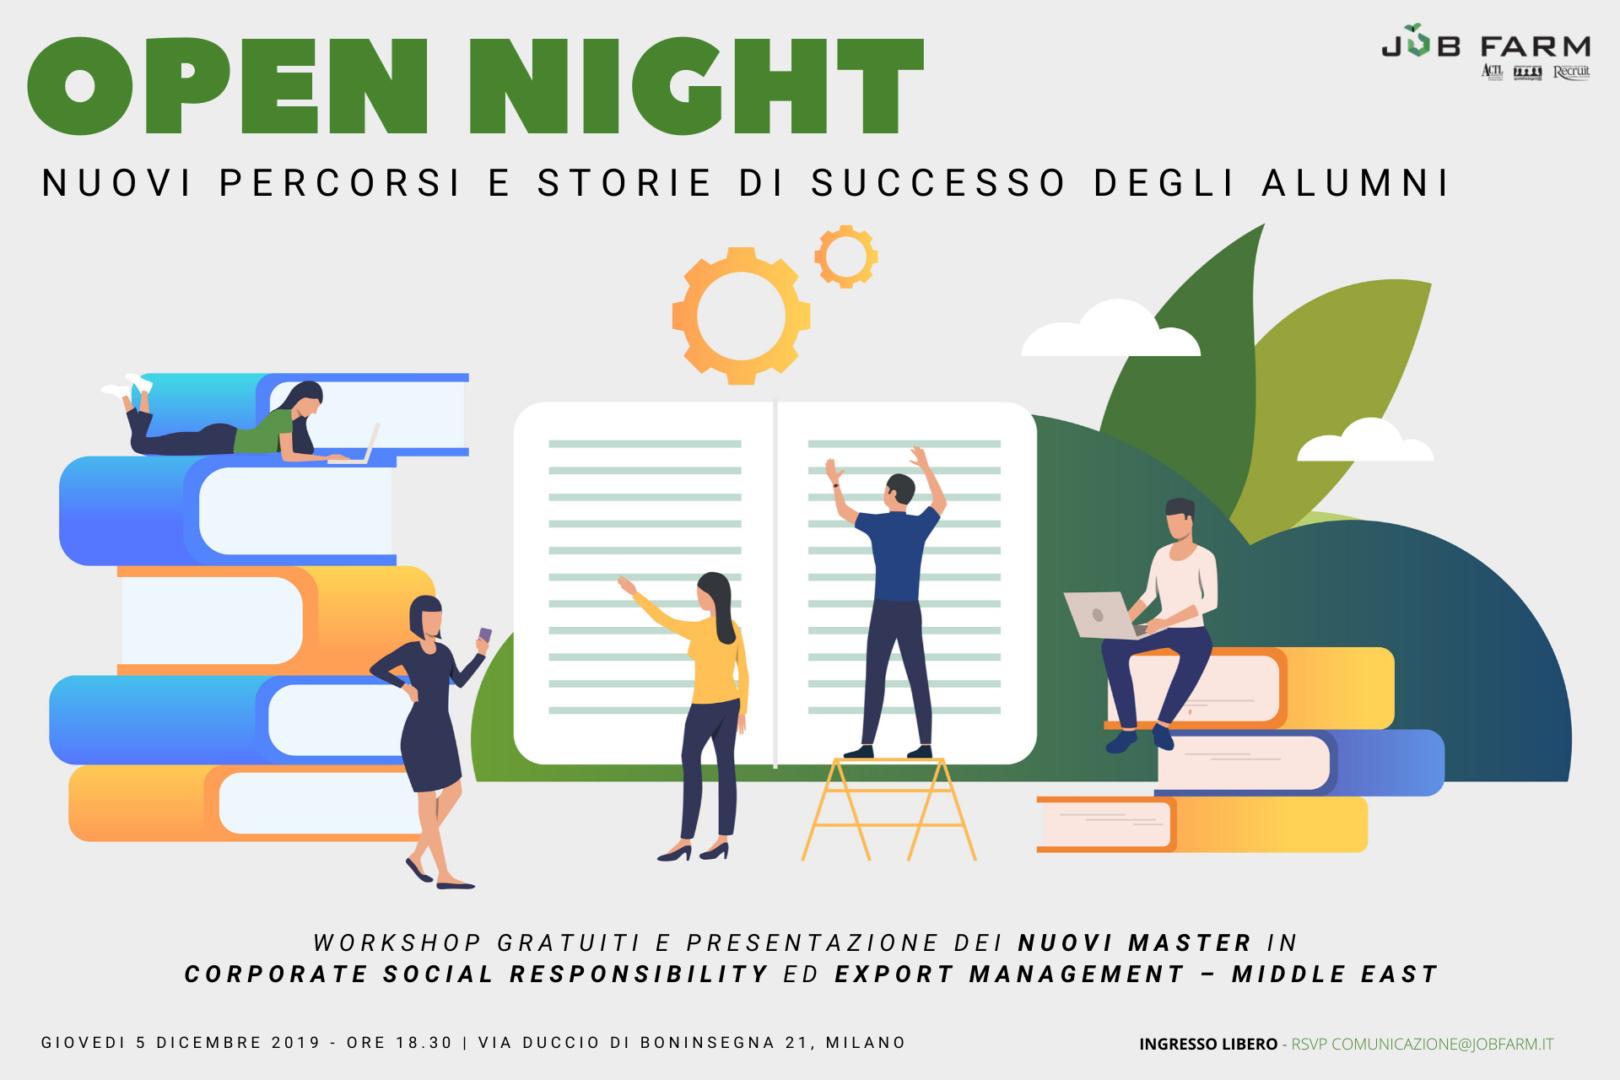 Open night: nuovi percorsi e storie di successo degli alumni